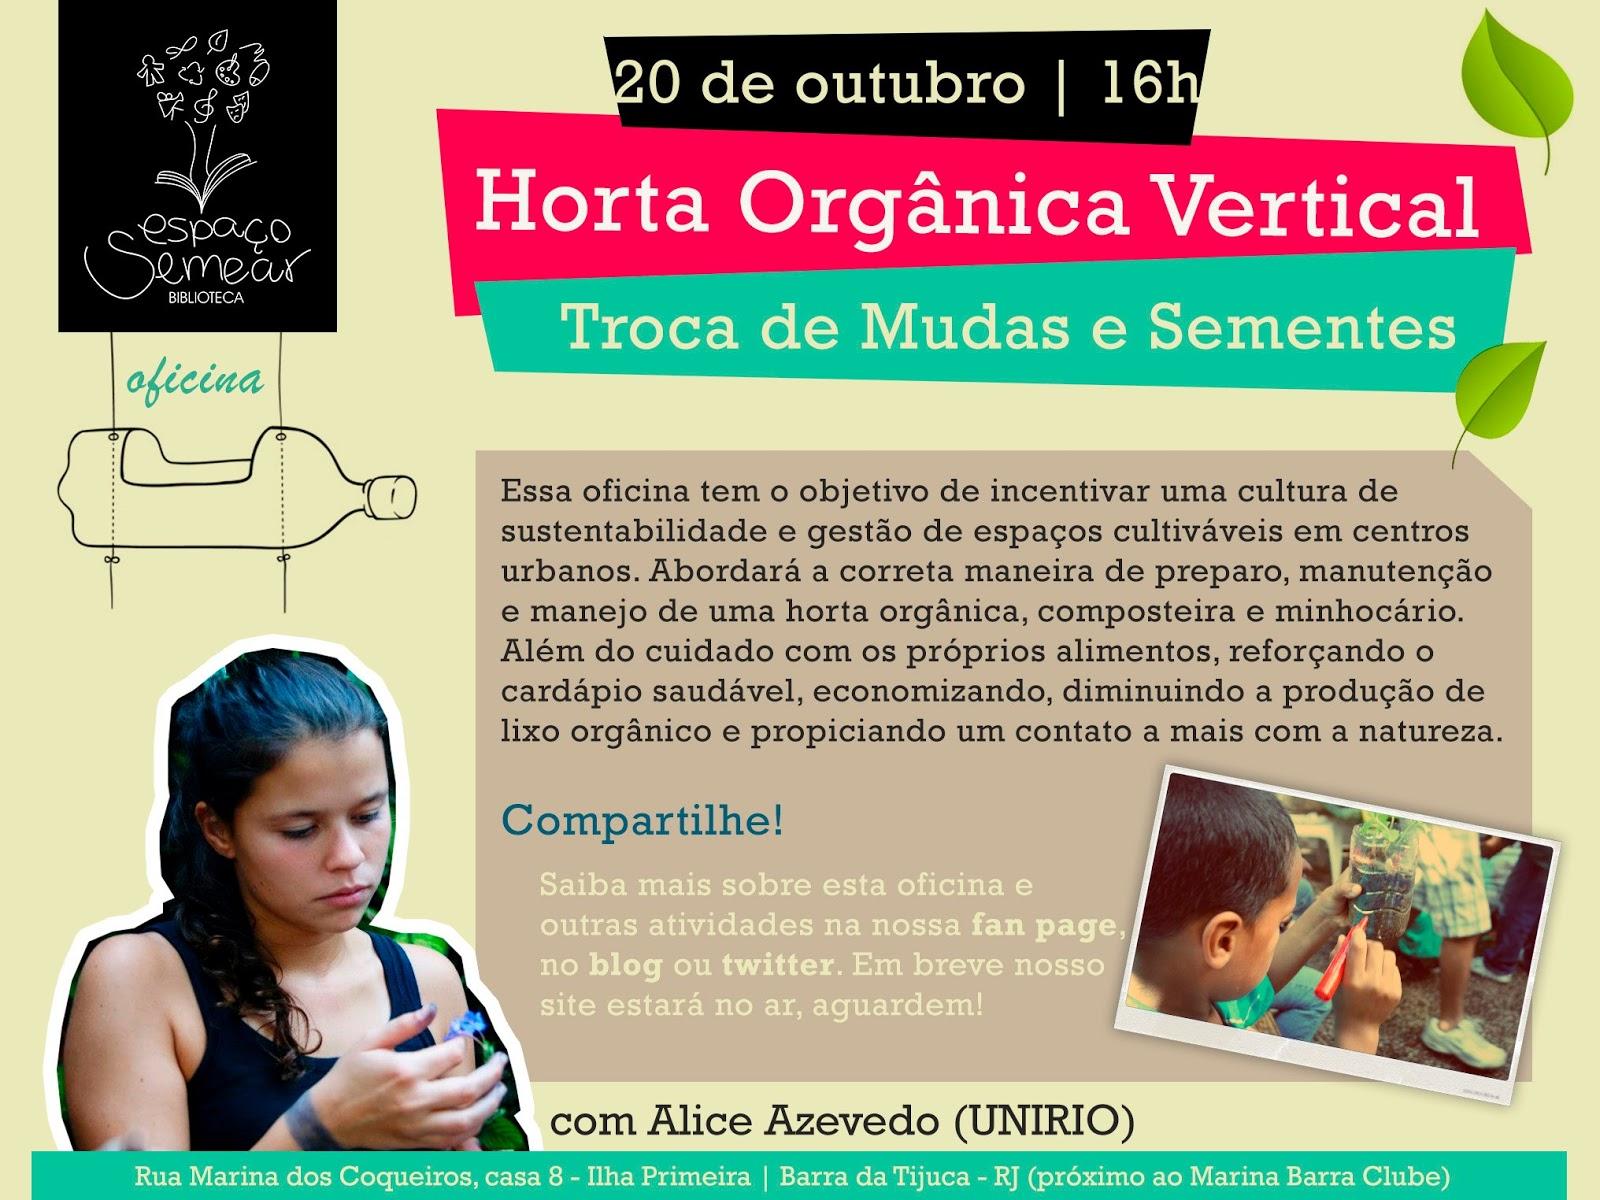 Oficina de horta orgânica vertical e troca de mudas e sementes com Alice Azevedo